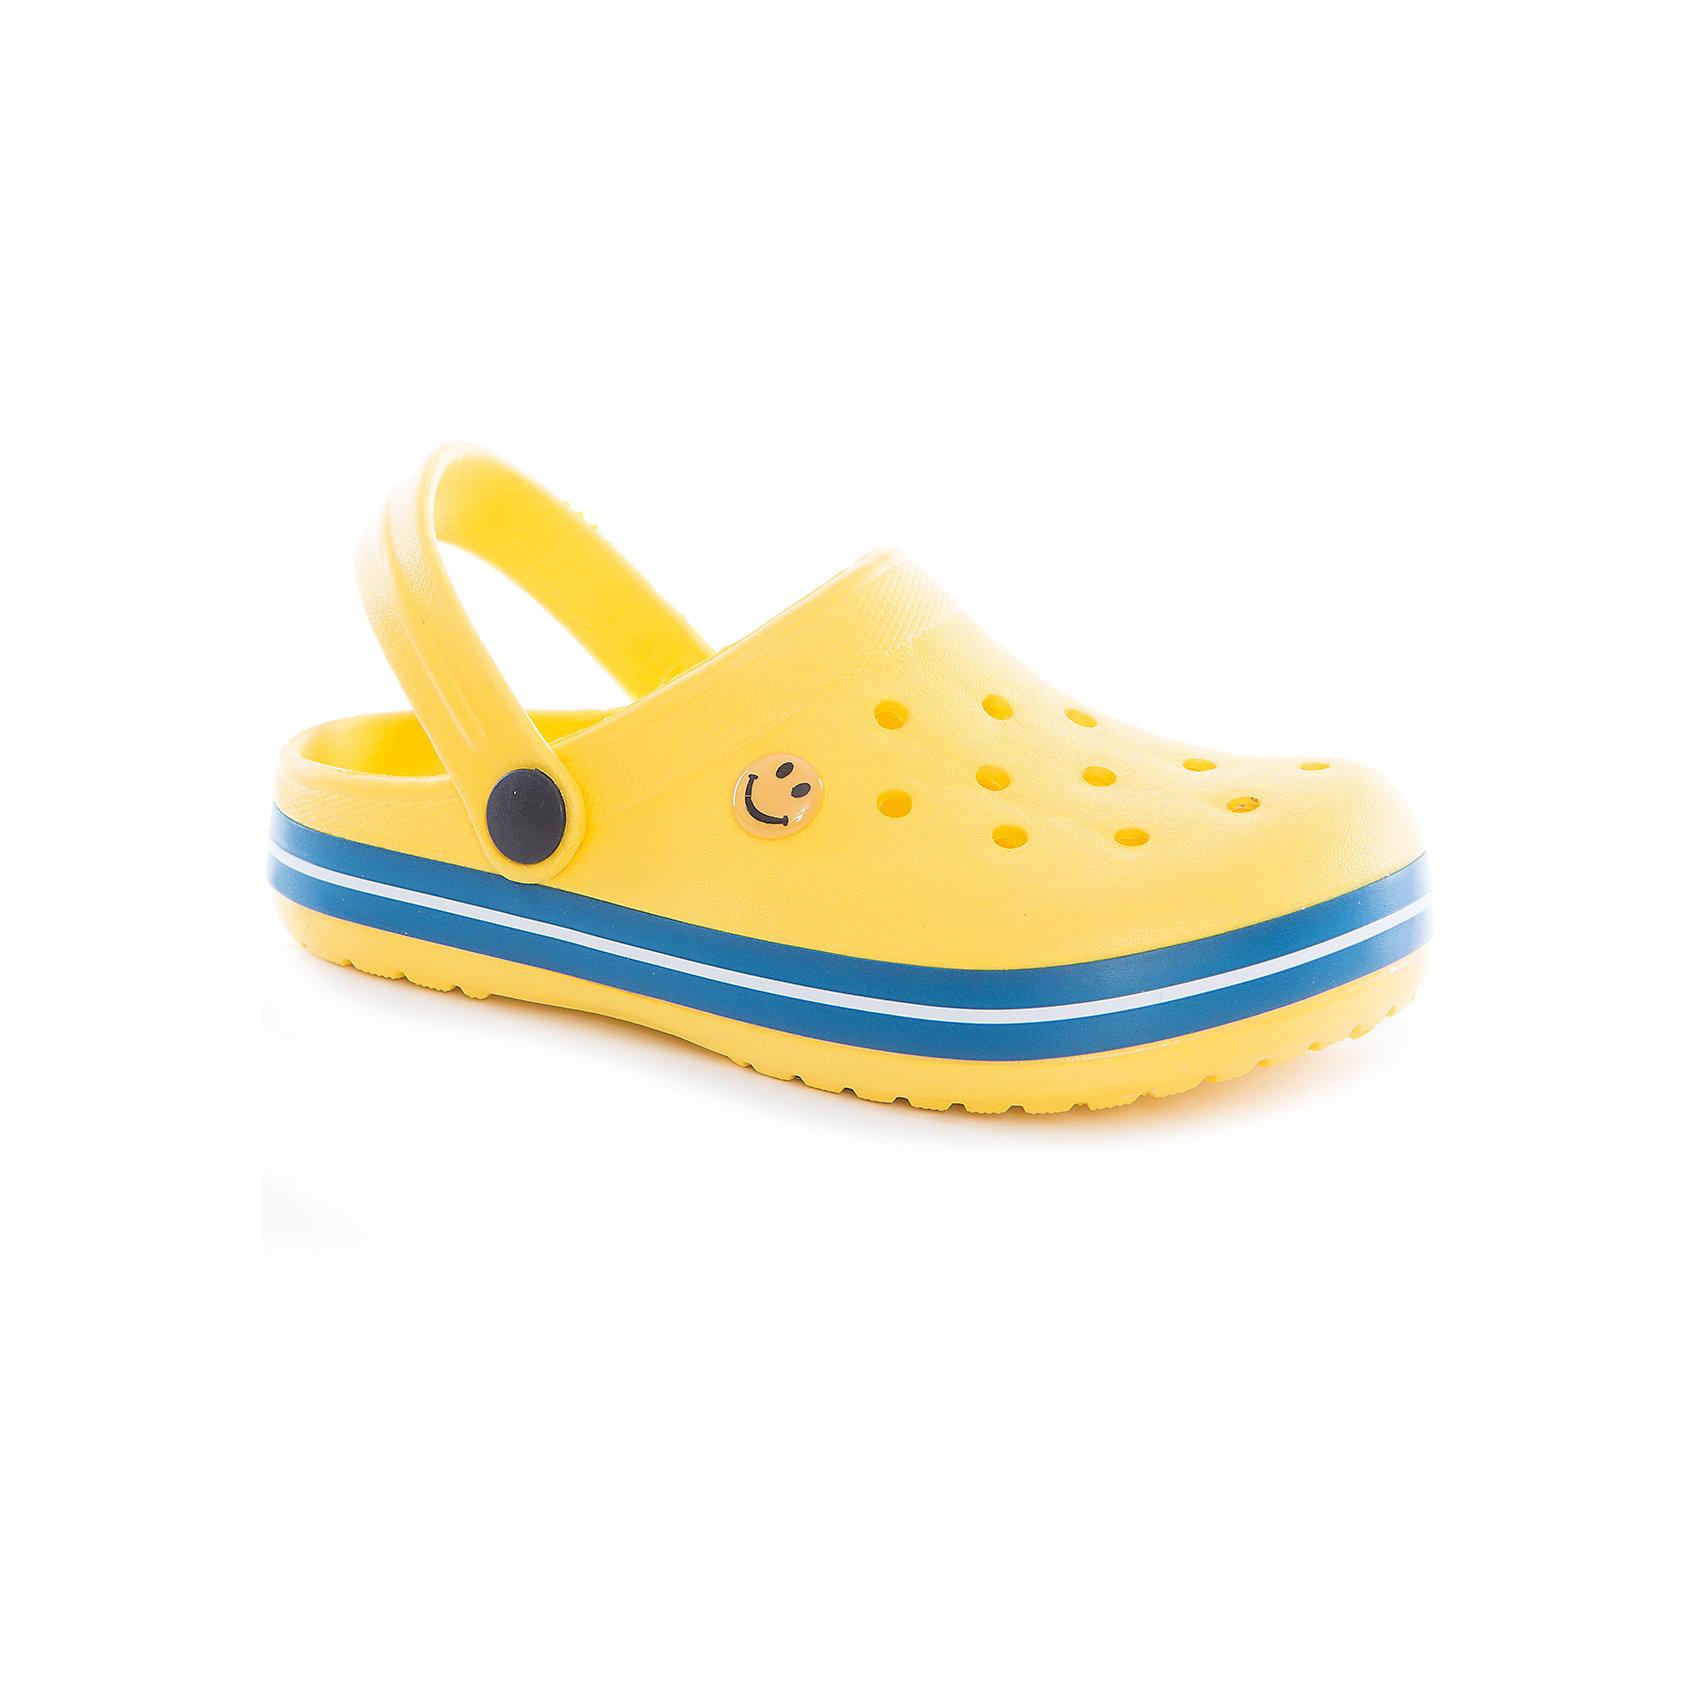 Сабо для девочки ScoolПляжная обувь<br>Пантолеты для девочки Scool<br>Удобные пантолеты (кроксы) прекрасно подойдут и для поездки на пляж, и для дачи. Модель с подвижным запяточным ремнем, который можно откинуть , что позволяет легко снимать и одевать обувь. Изготовлены из легкого материала. Перфорация в верхней части обеспечивает вентиляцию ноги<br>Состав:<br>100% этилвинилацетат<br><br>Ширина мм: 225<br>Глубина мм: 139<br>Высота мм: 112<br>Вес г: 290<br>Цвет: разноцветный<br>Возраст от месяцев: 72<br>Возраст до месяцев: 84<br>Пол: Женский<br>Возраст: Детский<br>Размер: 30,35,31,32,33,34<br>SKU: 5407114